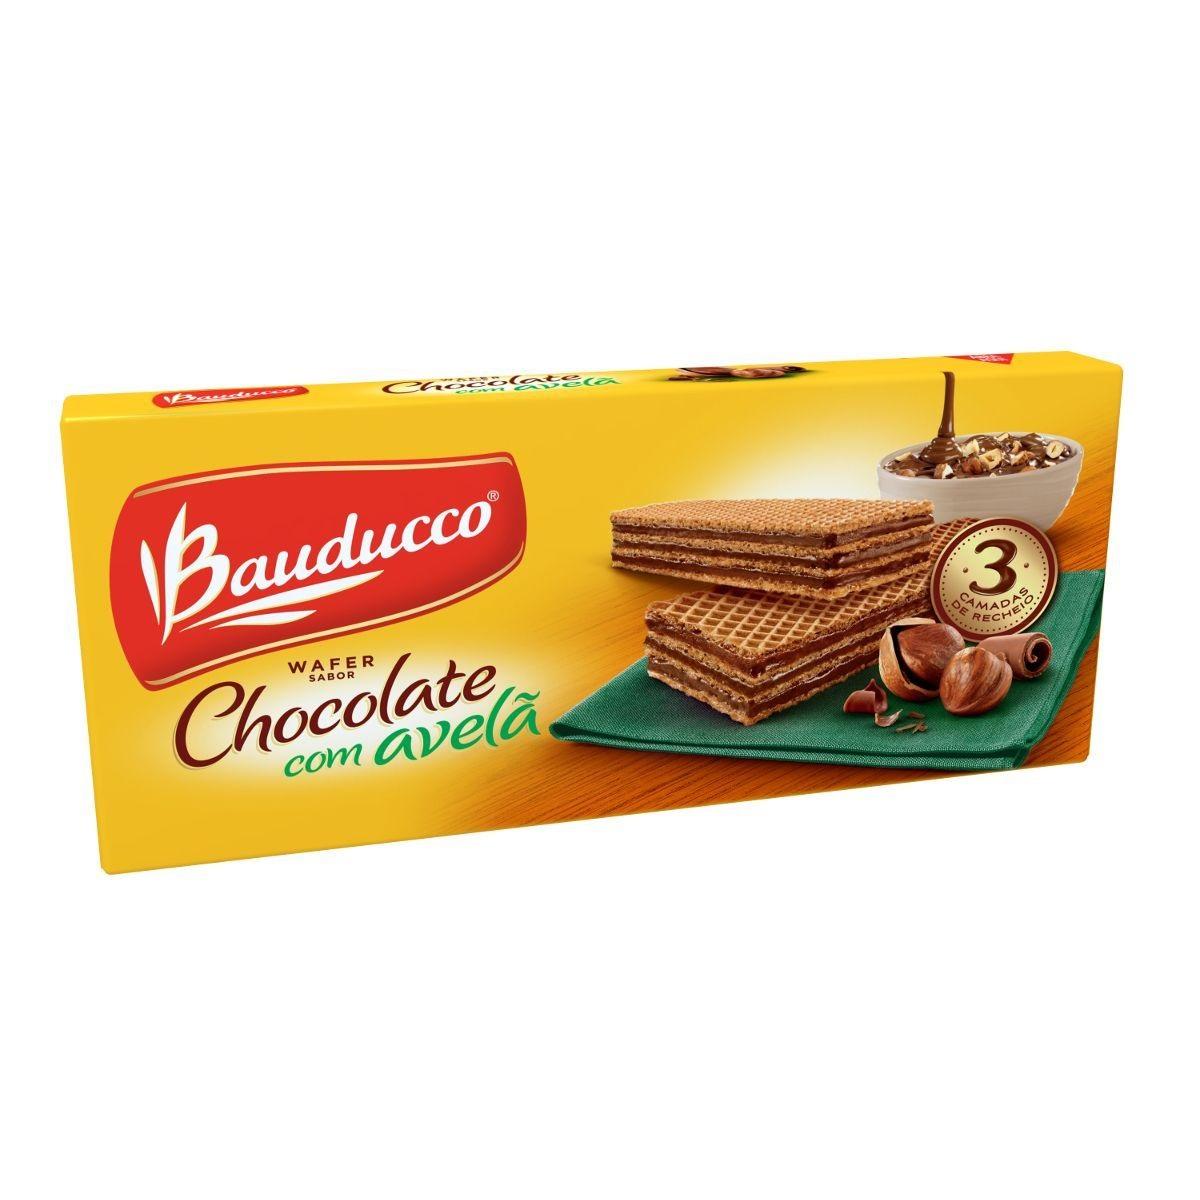 Biscoito wafer sabor chocolate com avelã 140g Bauducco pacote PCT